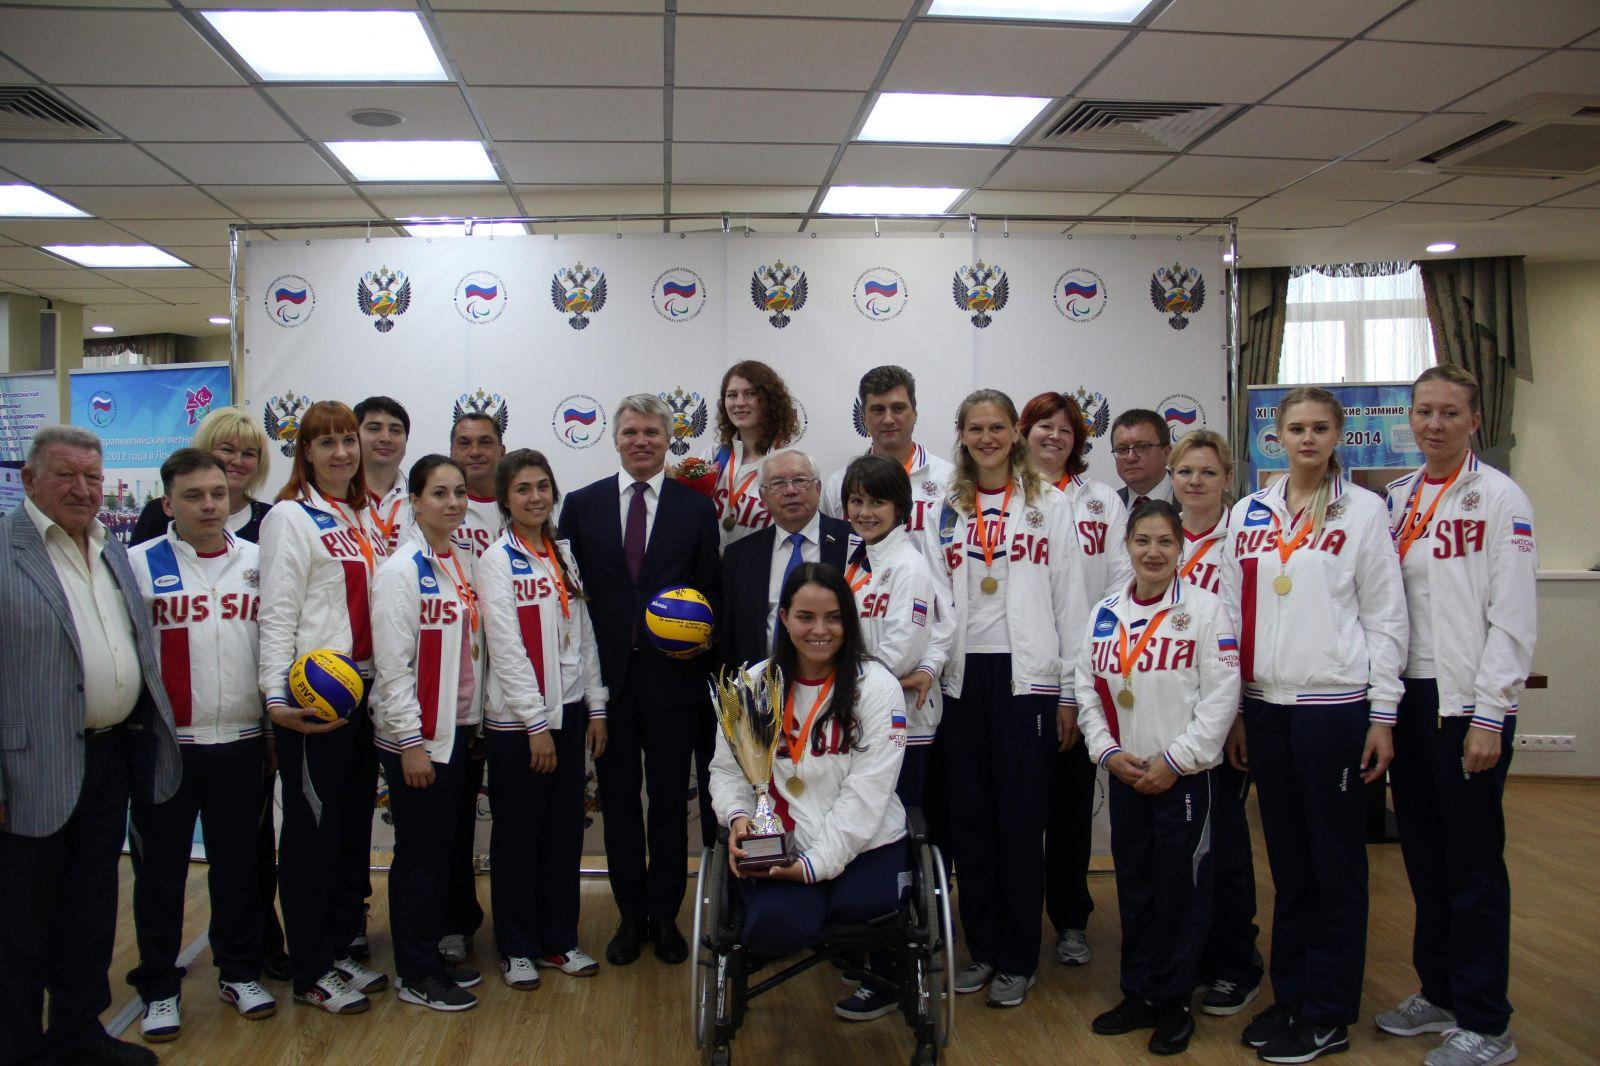 ПКР поздравляет членов женской сборной команды России по волейболу сидя с присвоением почетного спортивного звания «Заслуженный мастер спорта России»